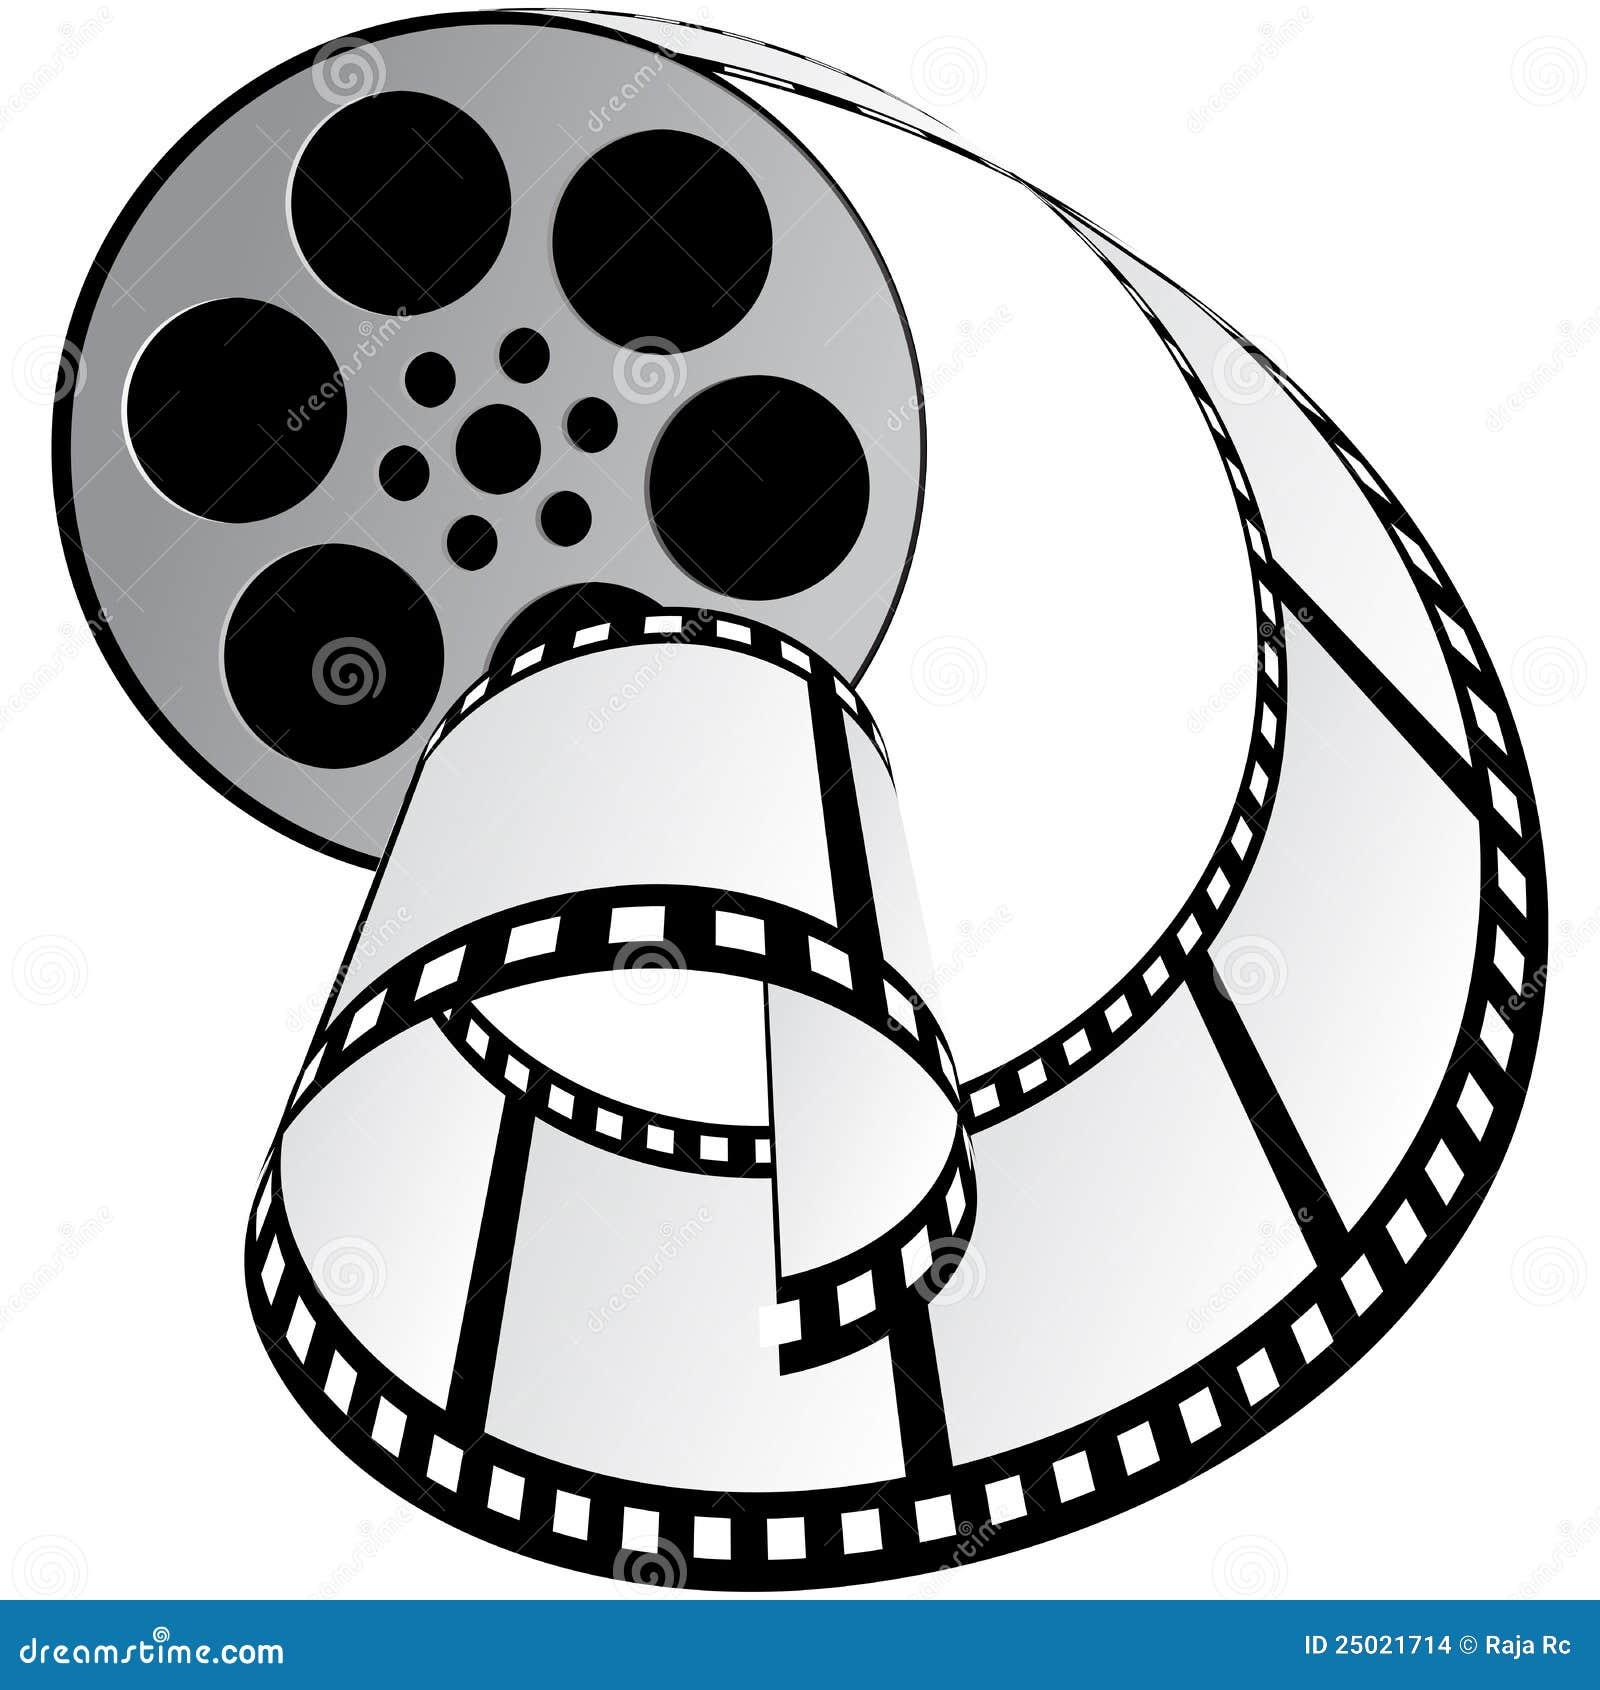 film real stock illustration illustration of film reel clipart vector film reel clipart black and white